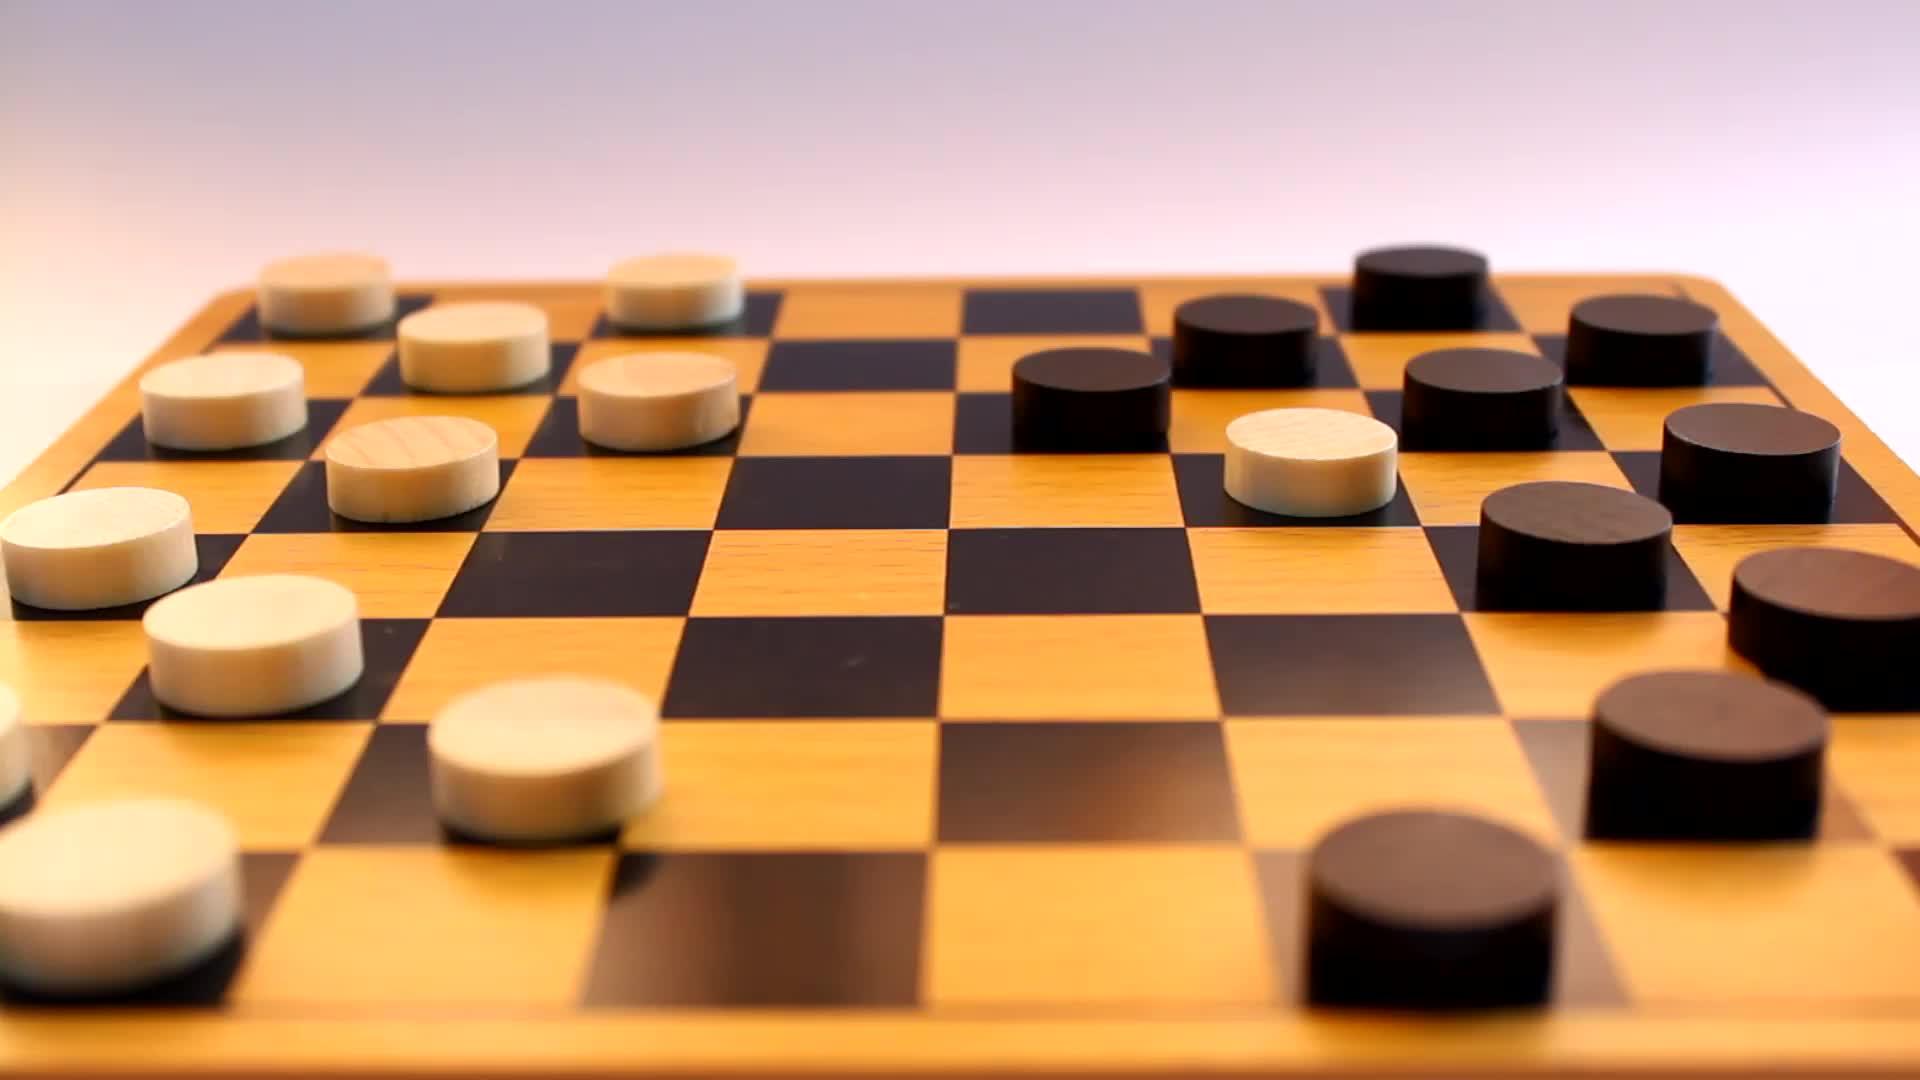 29 апреля в Комрате состоится турнир по шашкам и шахматам